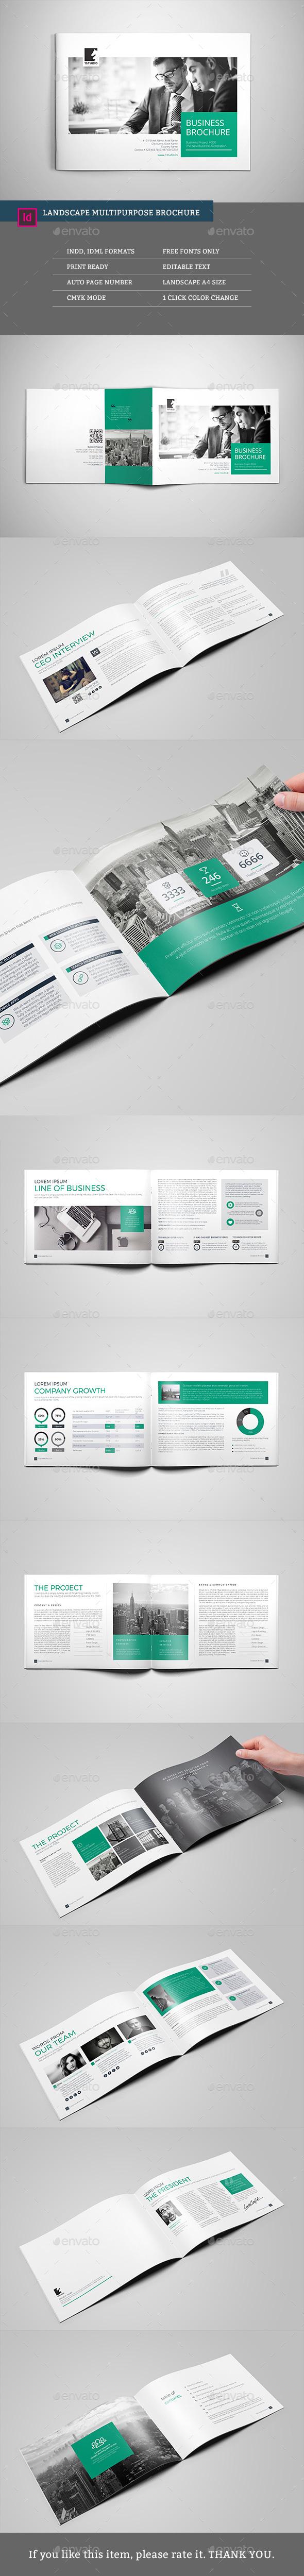 Landscape Access Multipurpose Brochure - Corporate Brochures